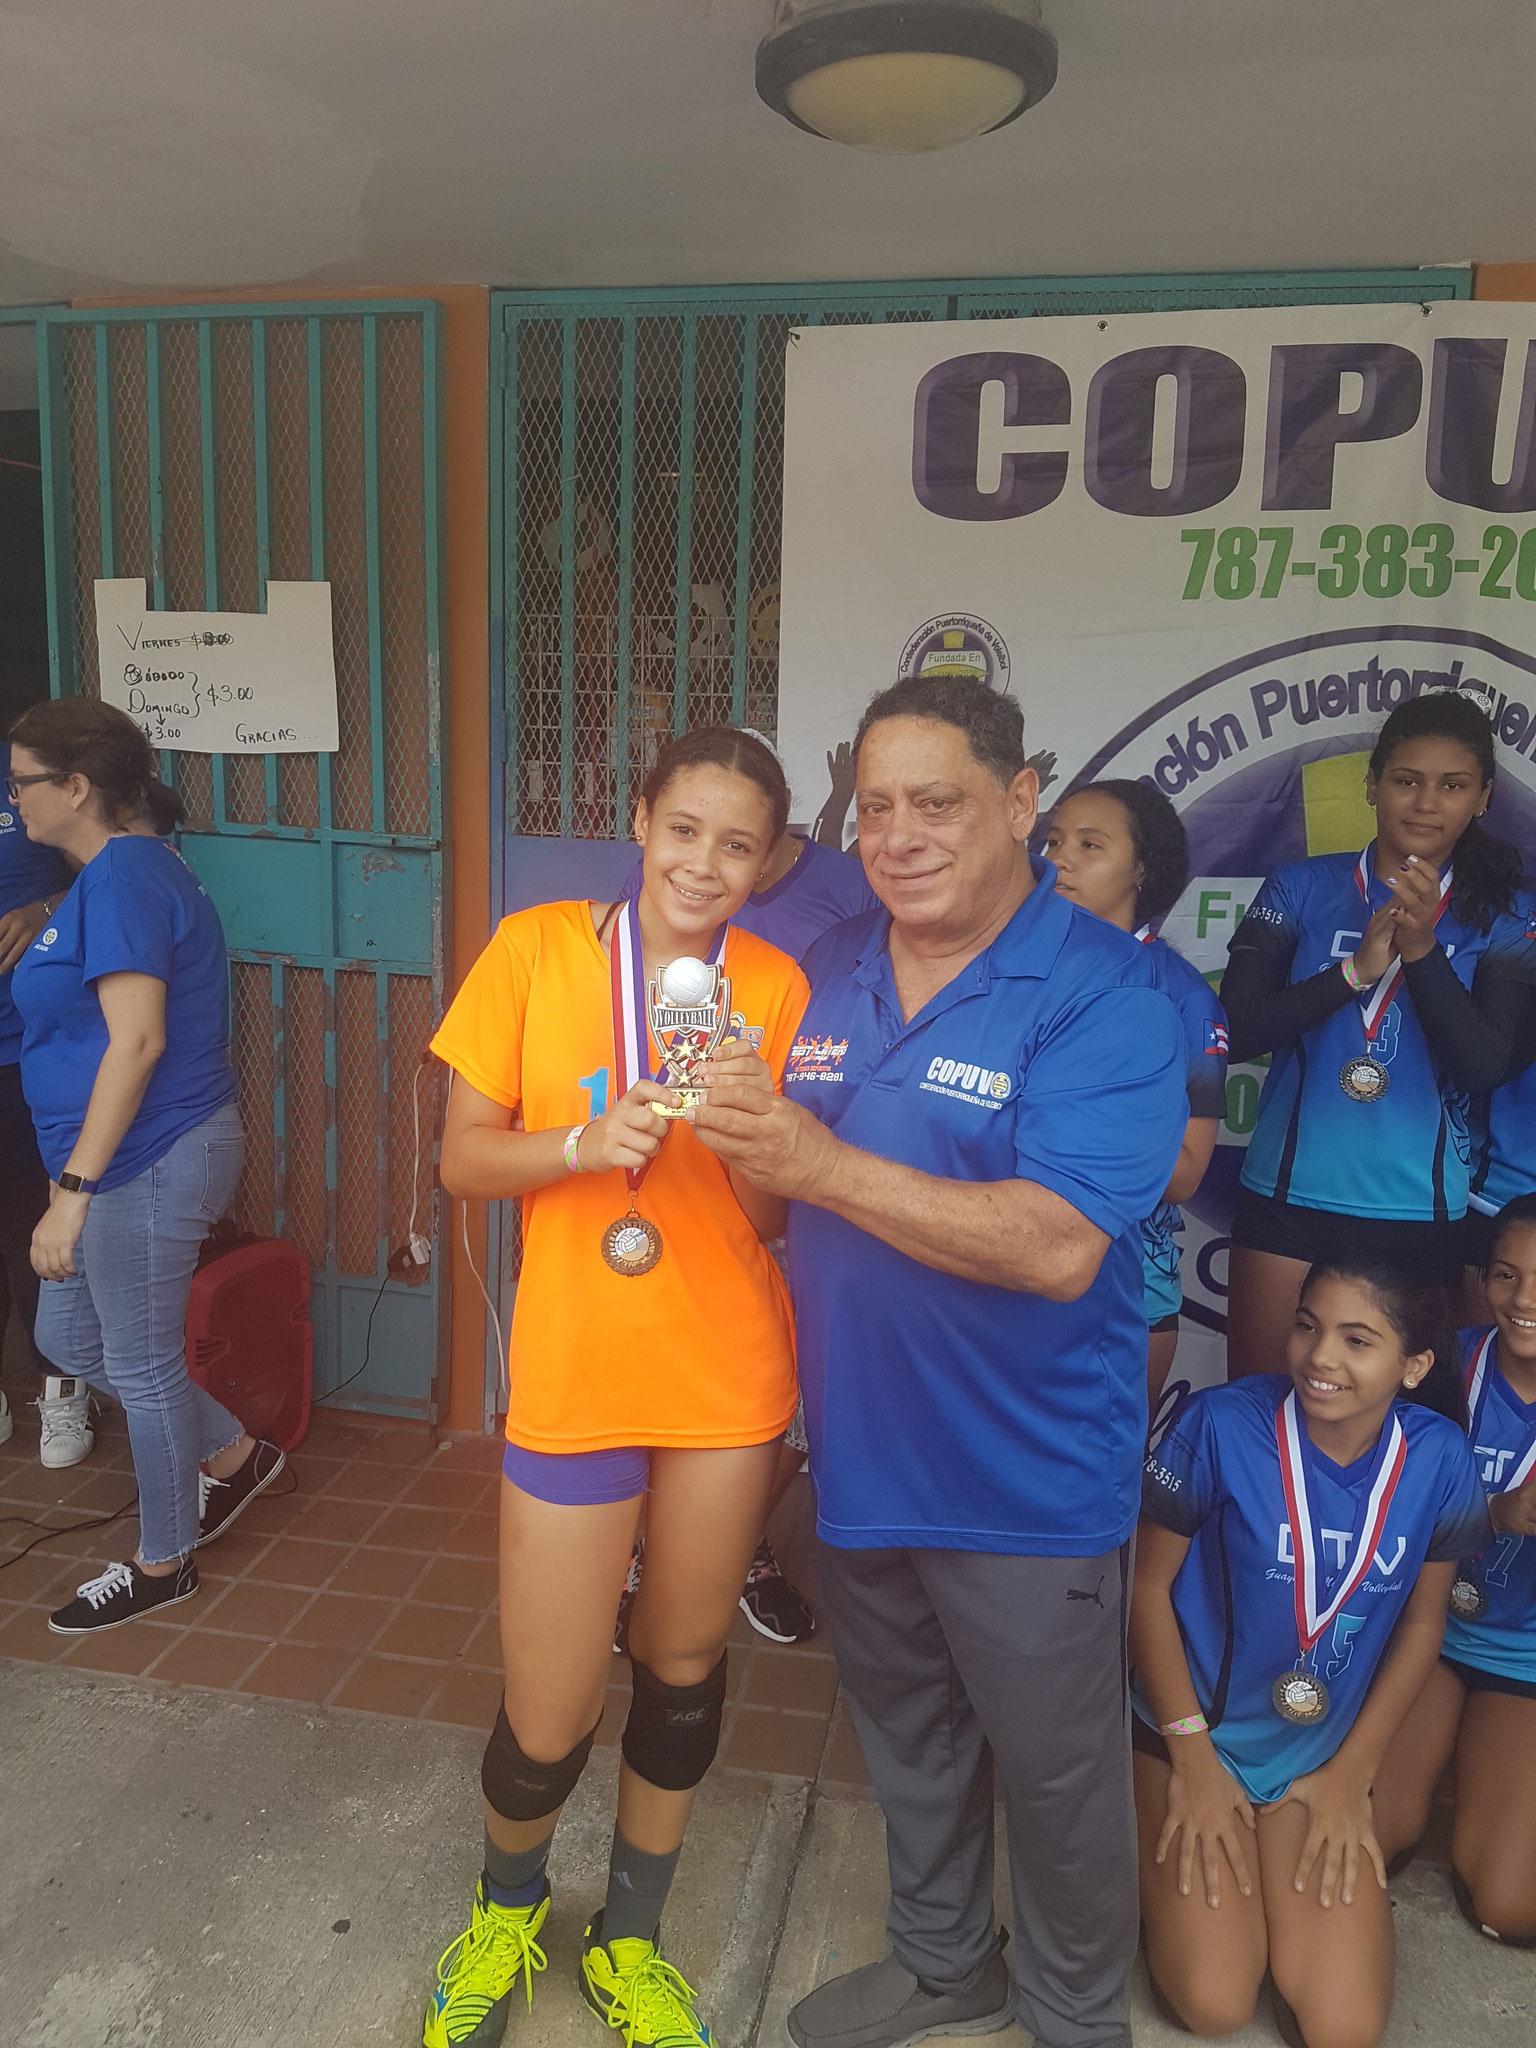 LA JOVEN JANELIS LOPEZ MVP EN 13 Y 14 AÑOS